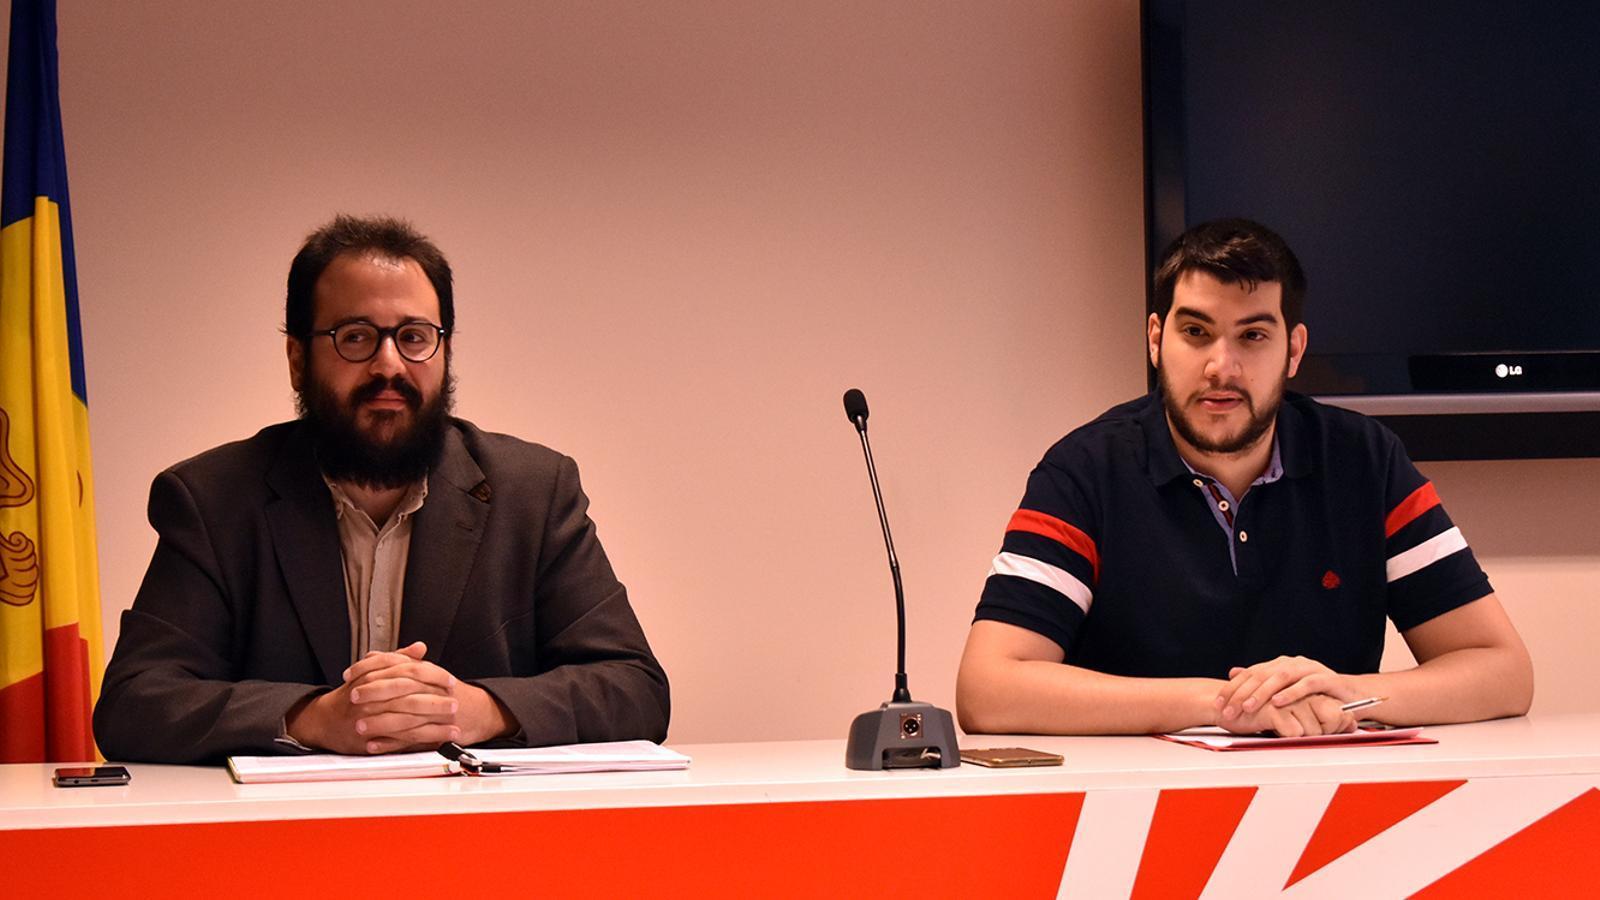 El conseller del grup parlamentari socialdemòcrata Carles Sánchez i el secretari d'organització del PS, Pere Baró, durant la roda de premsa. / M. F.